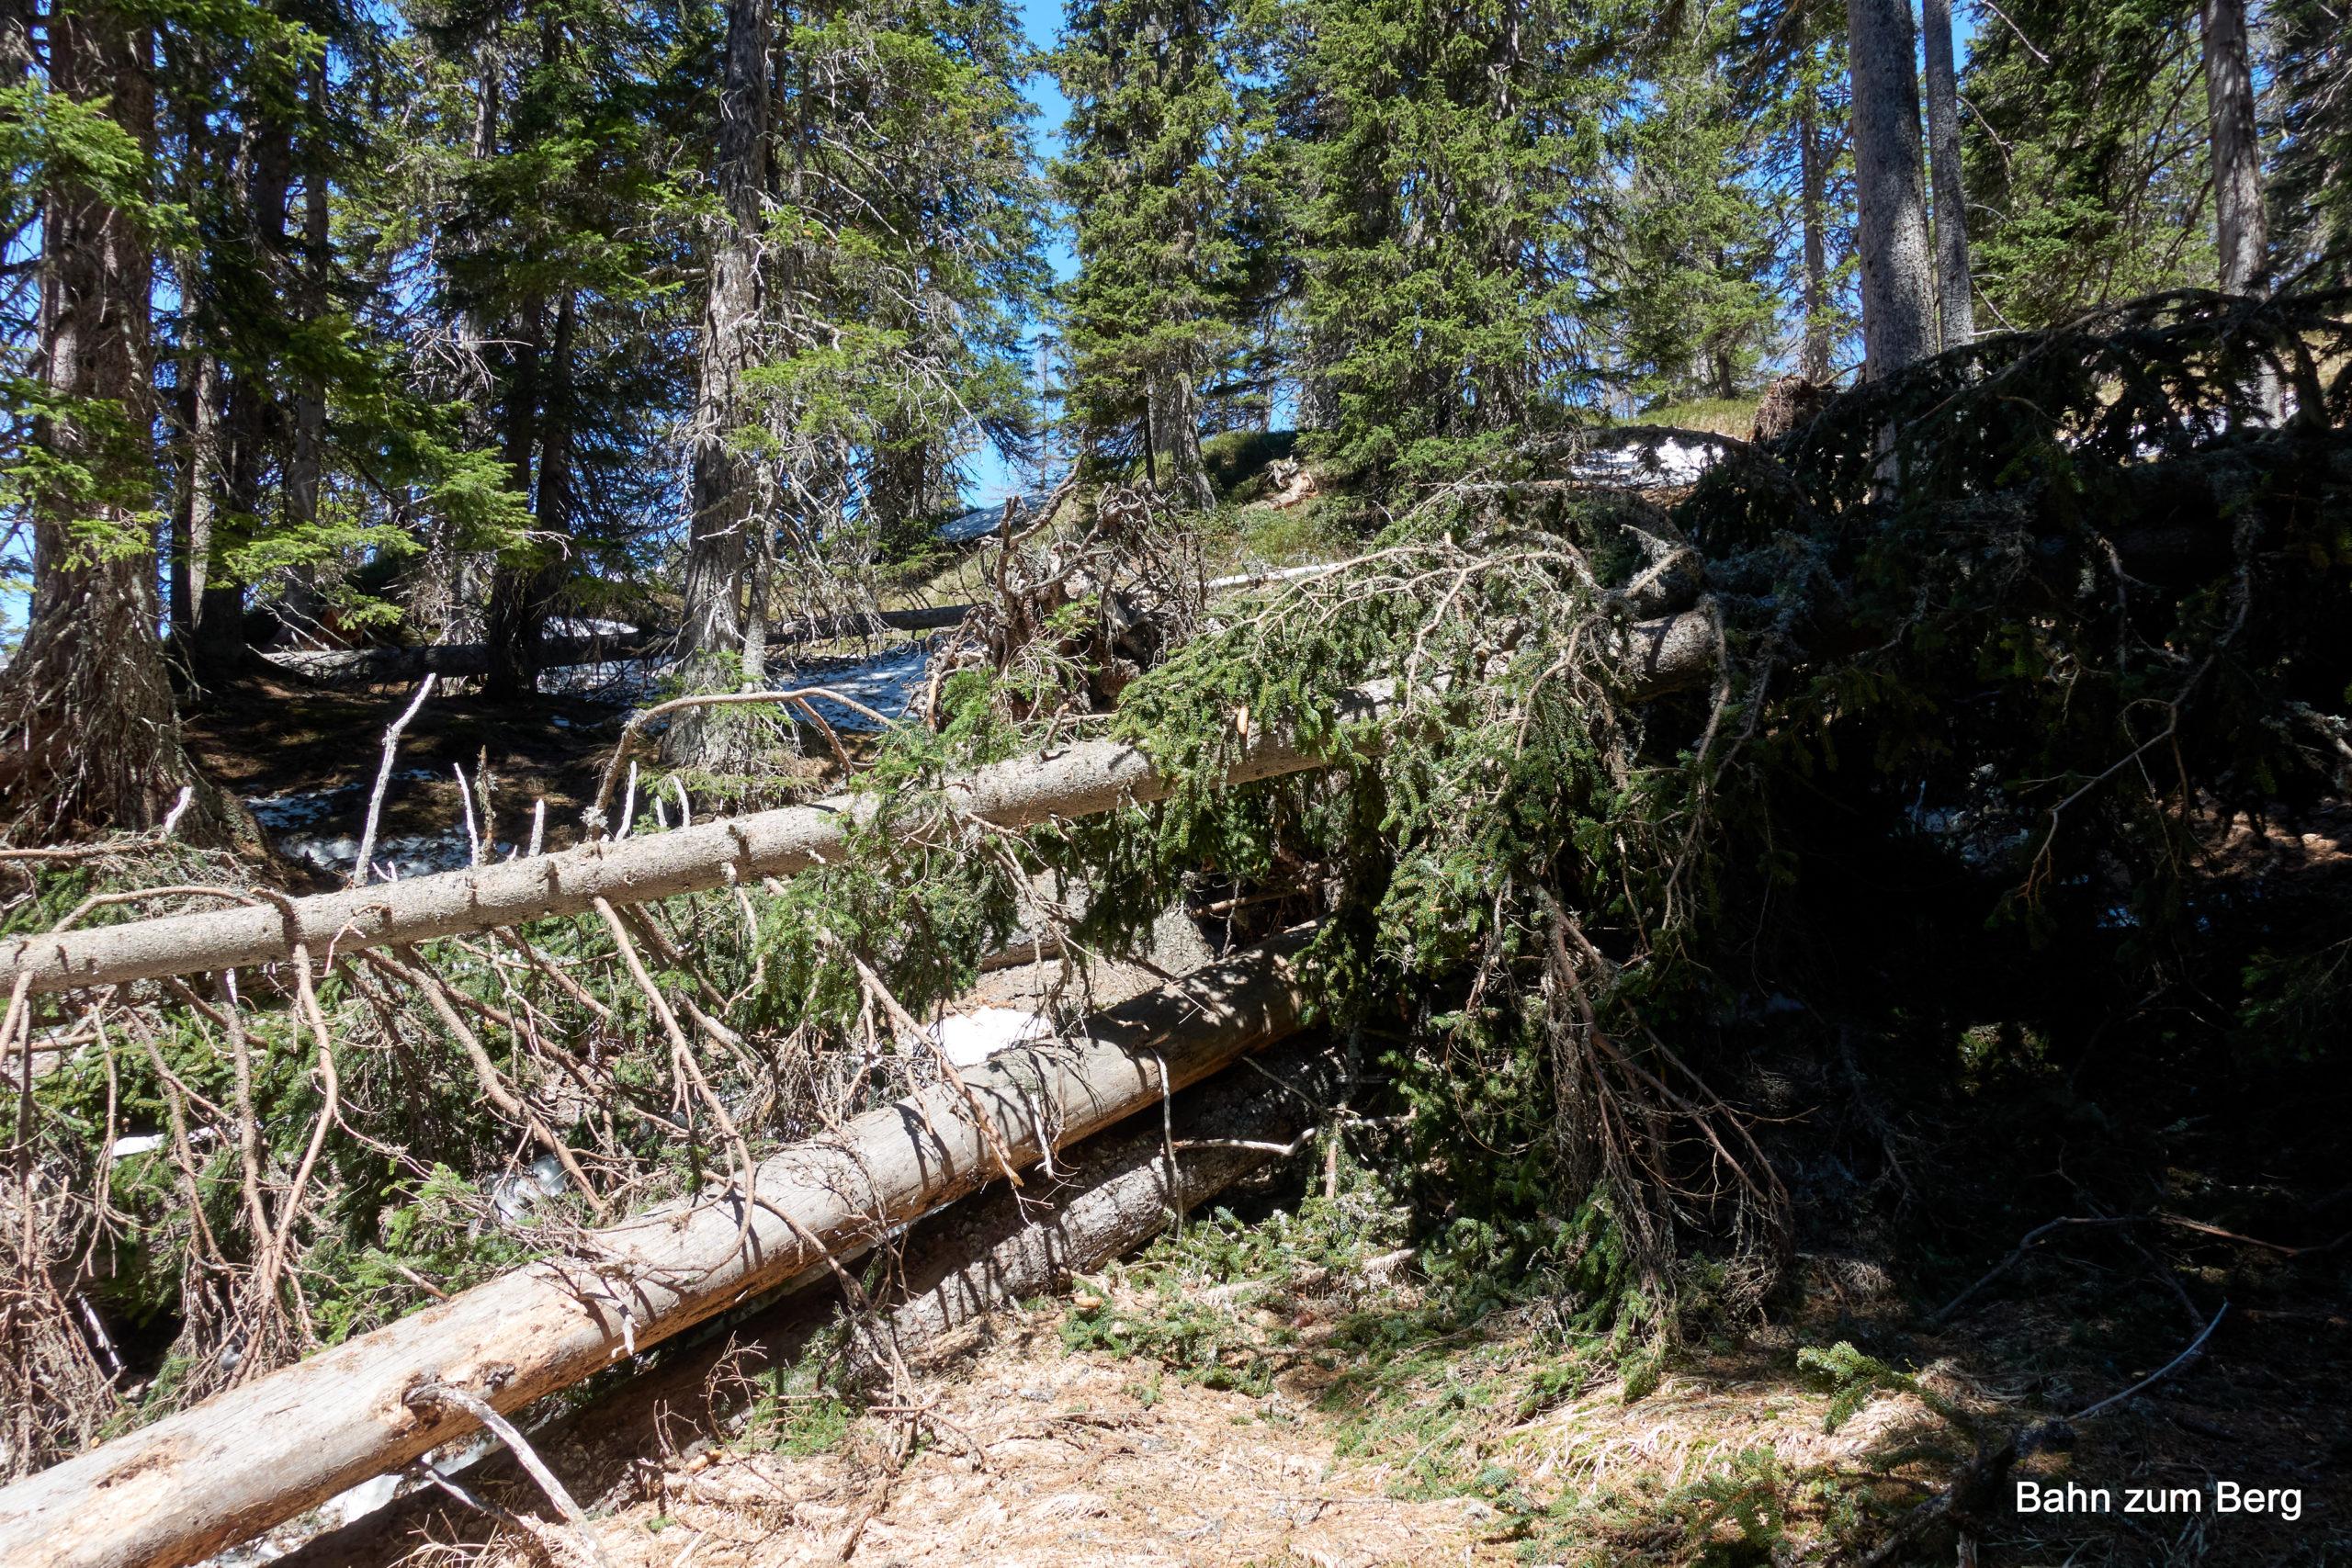 Umgestürzte Bäume verlegen den Weg. Foto: Martin Heppner